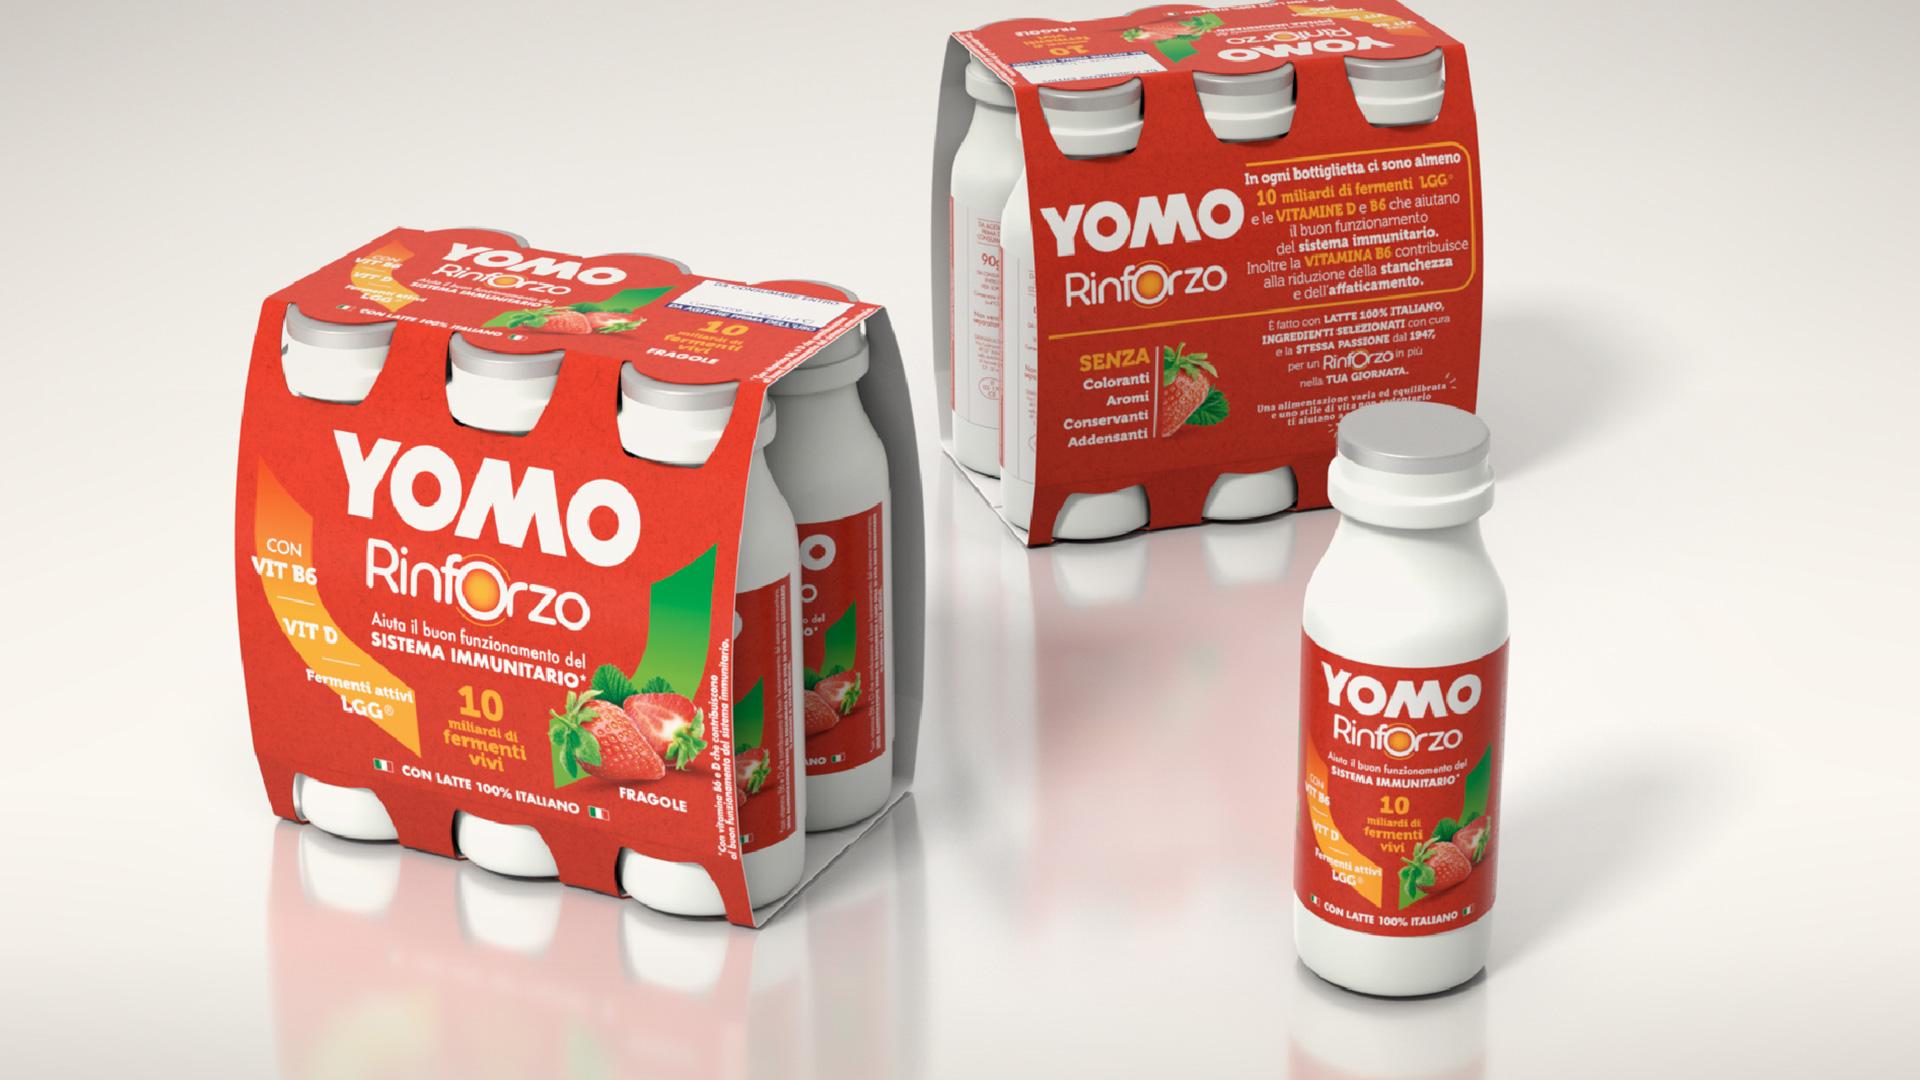 Yomo-Rba-Design-002